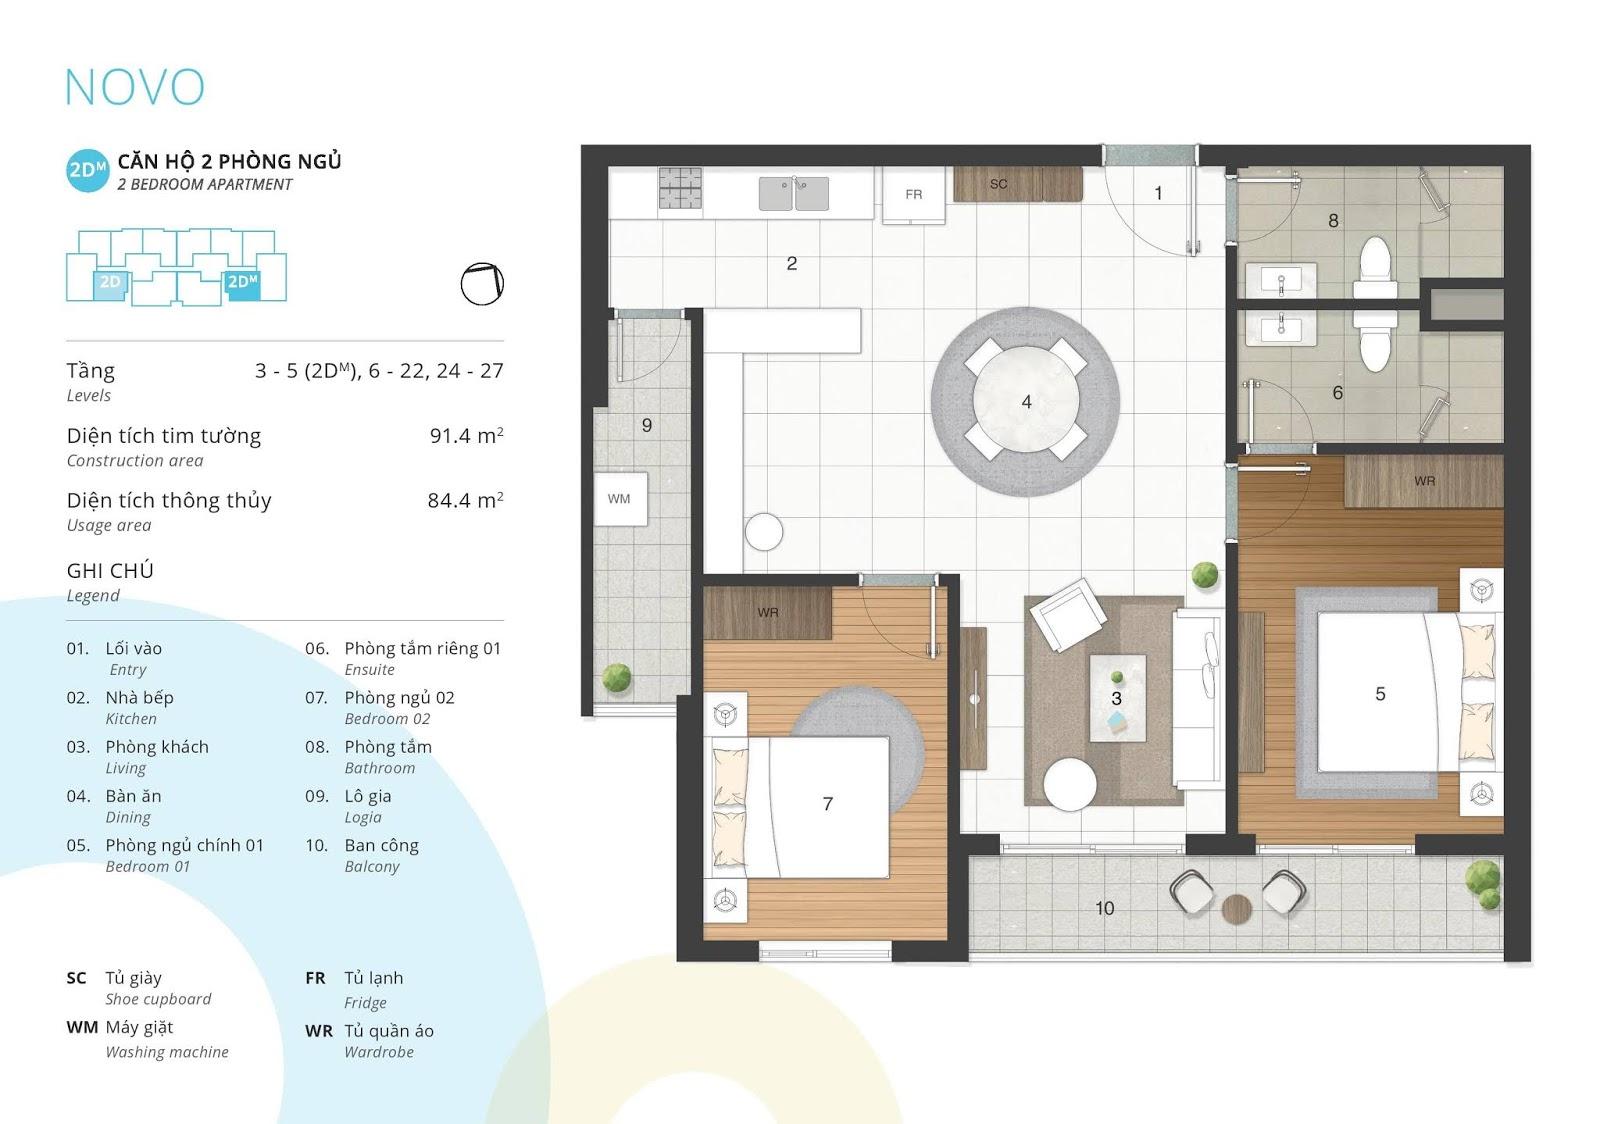 Mặt bằng căn hộ 2 phòng ngủ 84 m2 thông thủy tòa NOVO dự án Kosmo